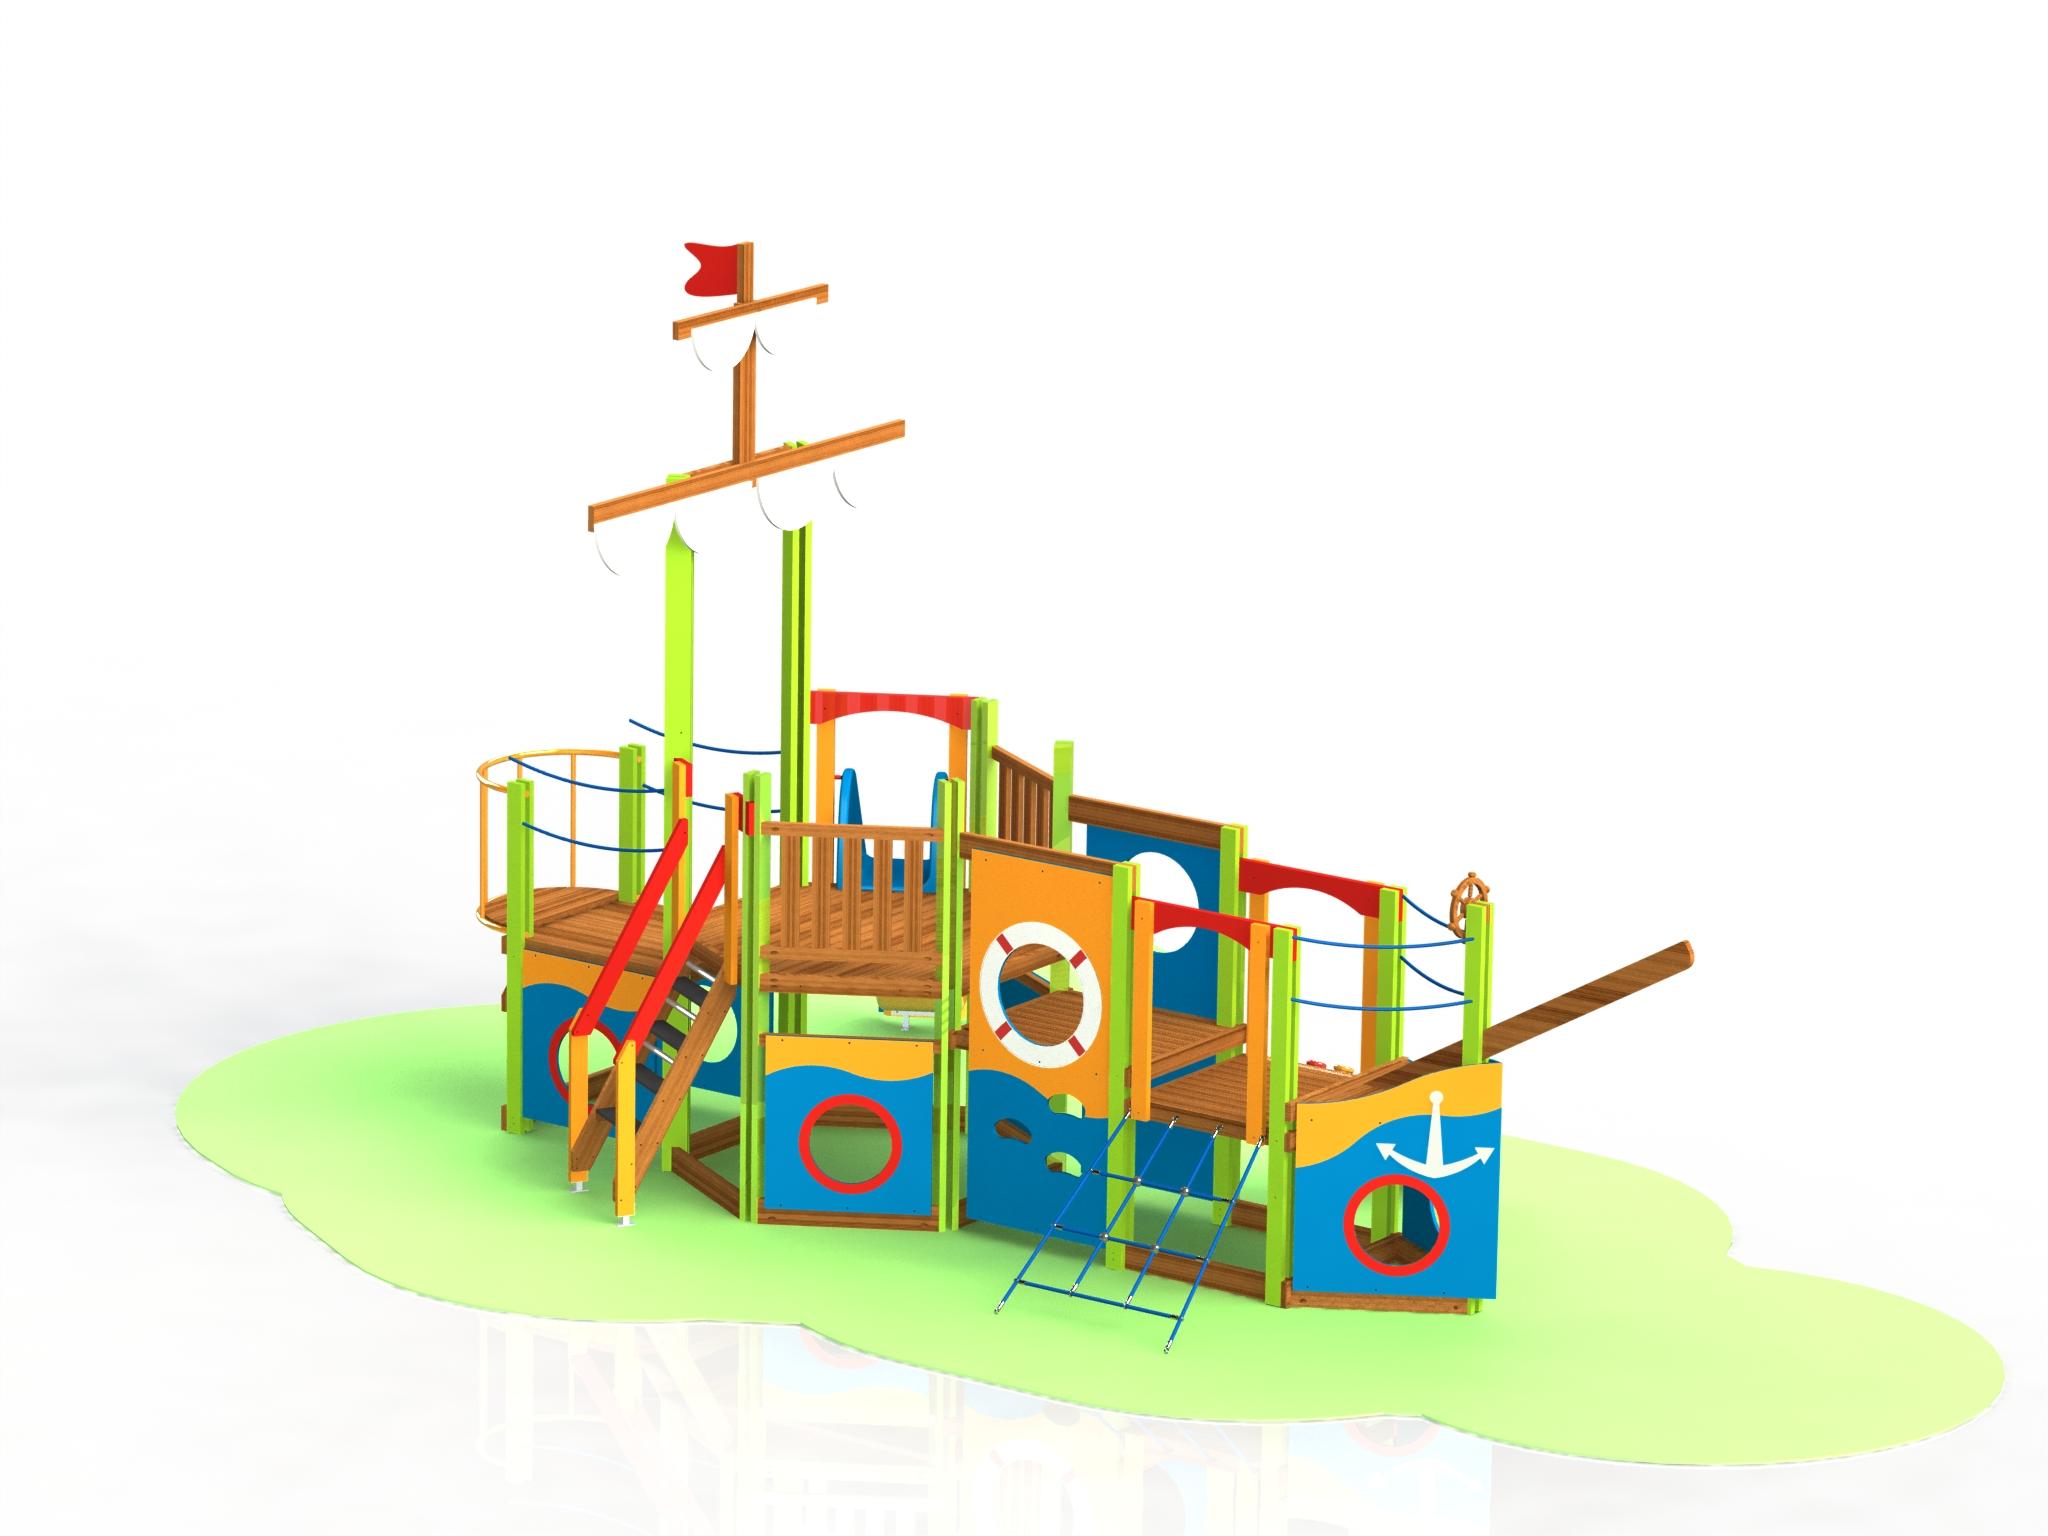 Снимка на продукта: Комбинирано детско съоръжение, модел Т31